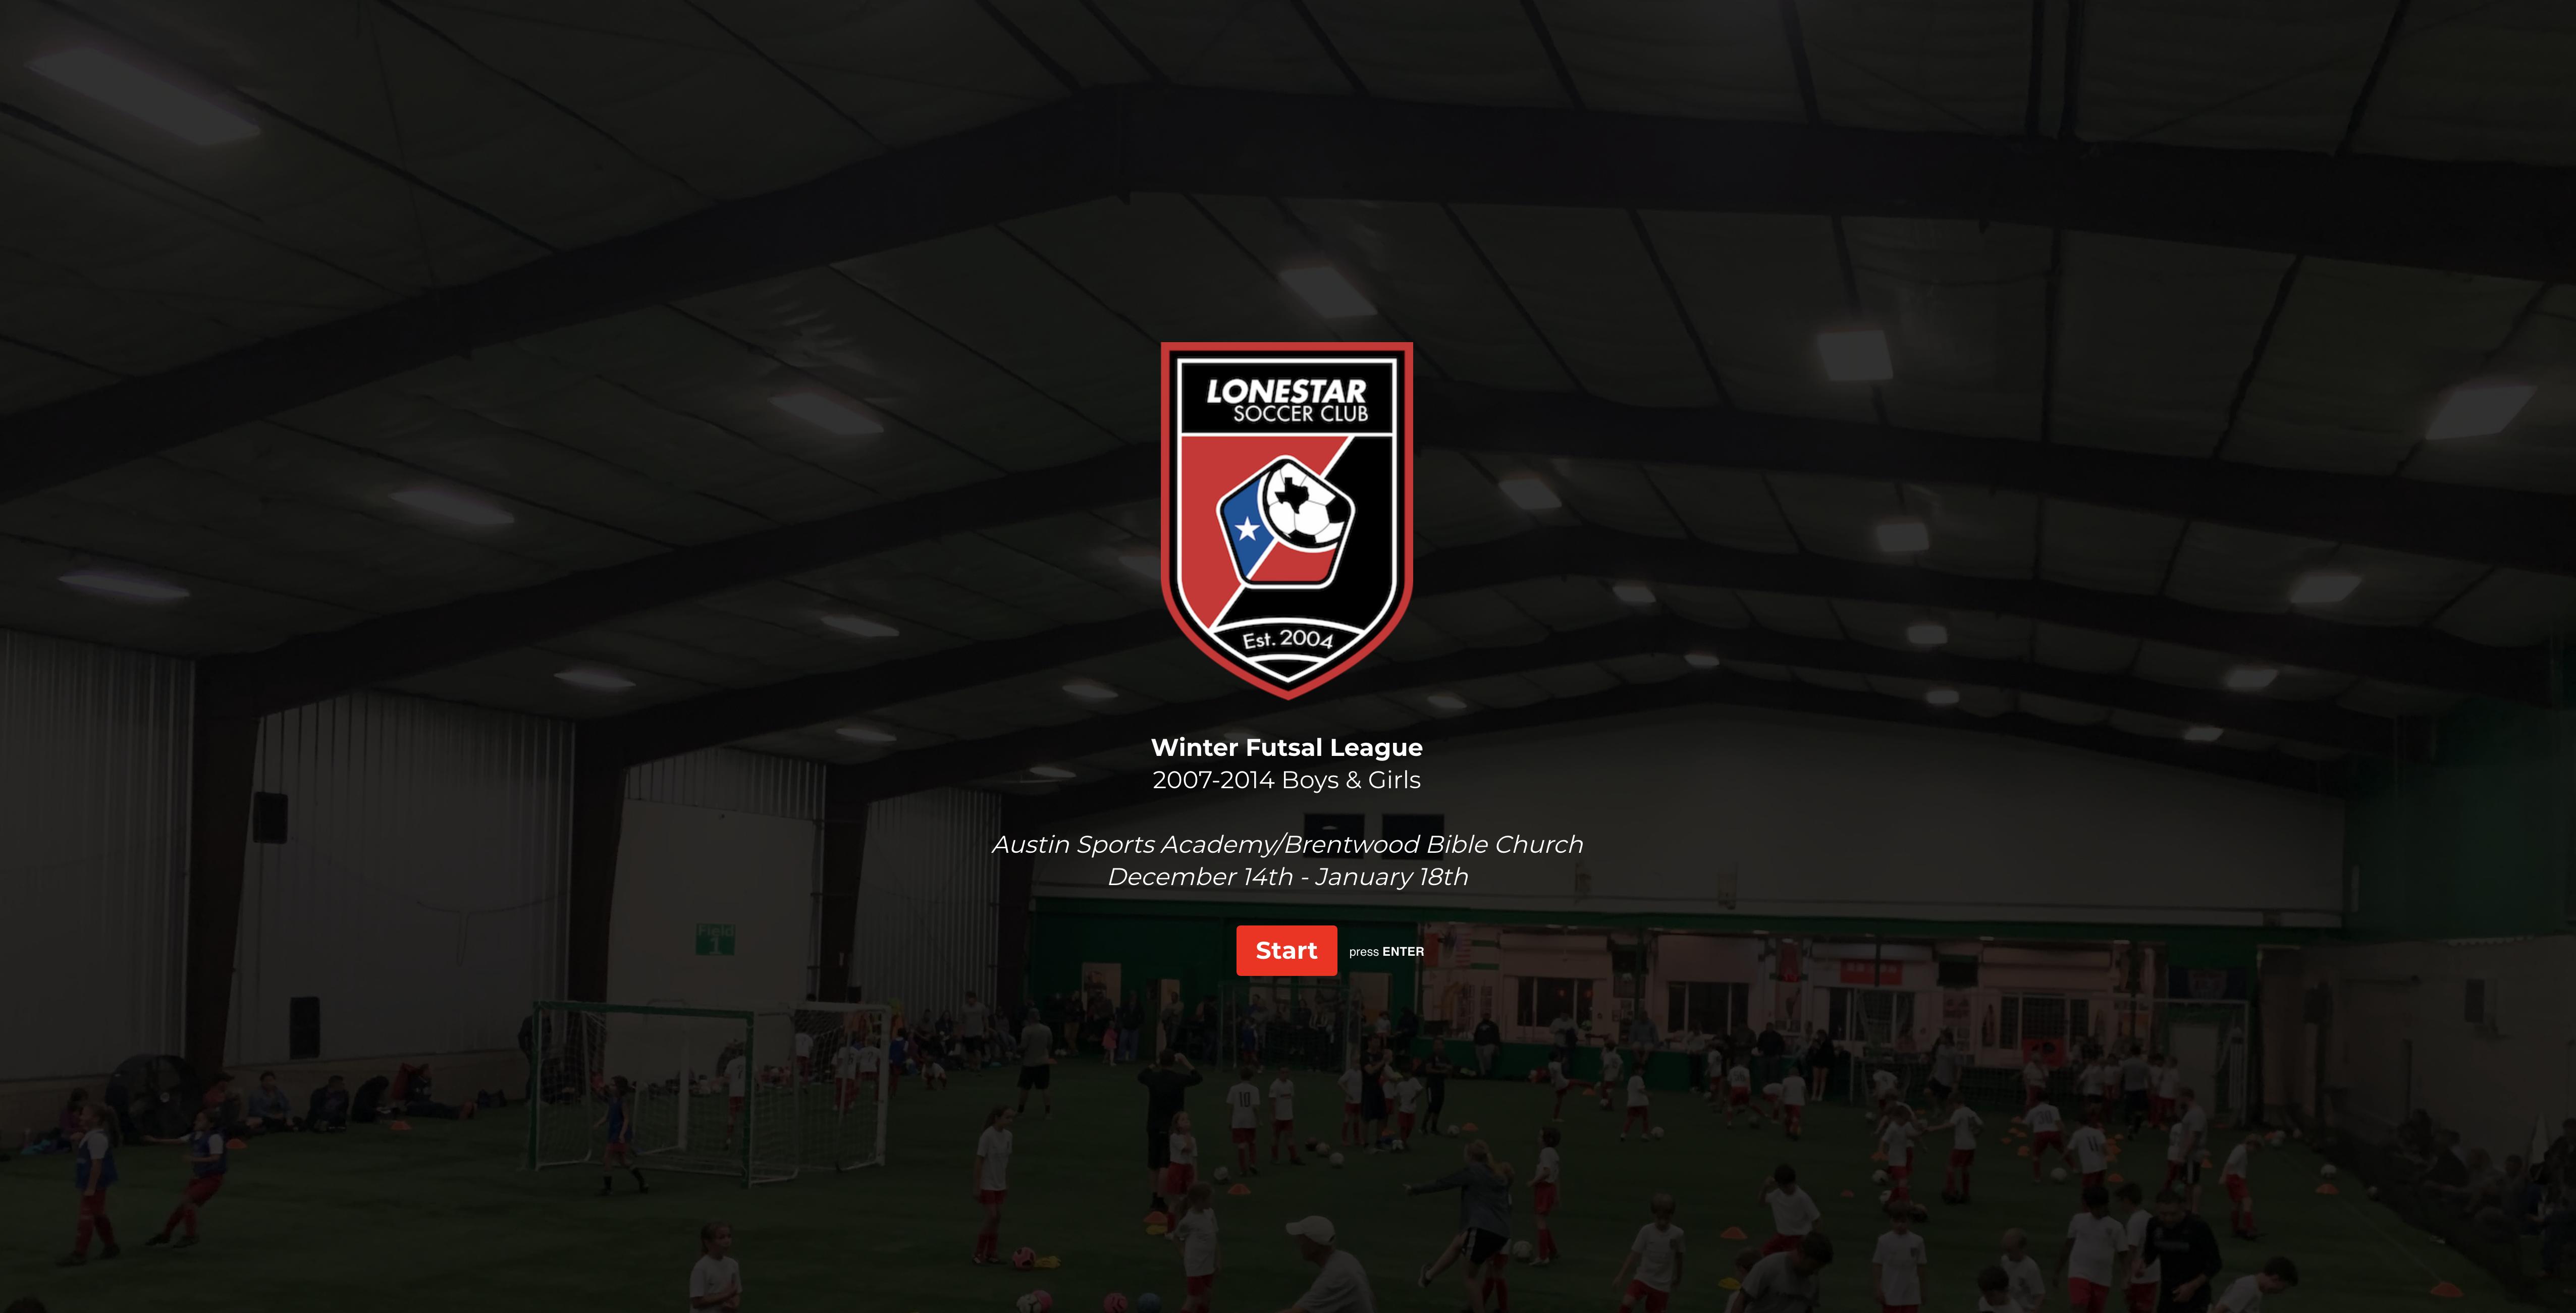 Winter Futsal League logo